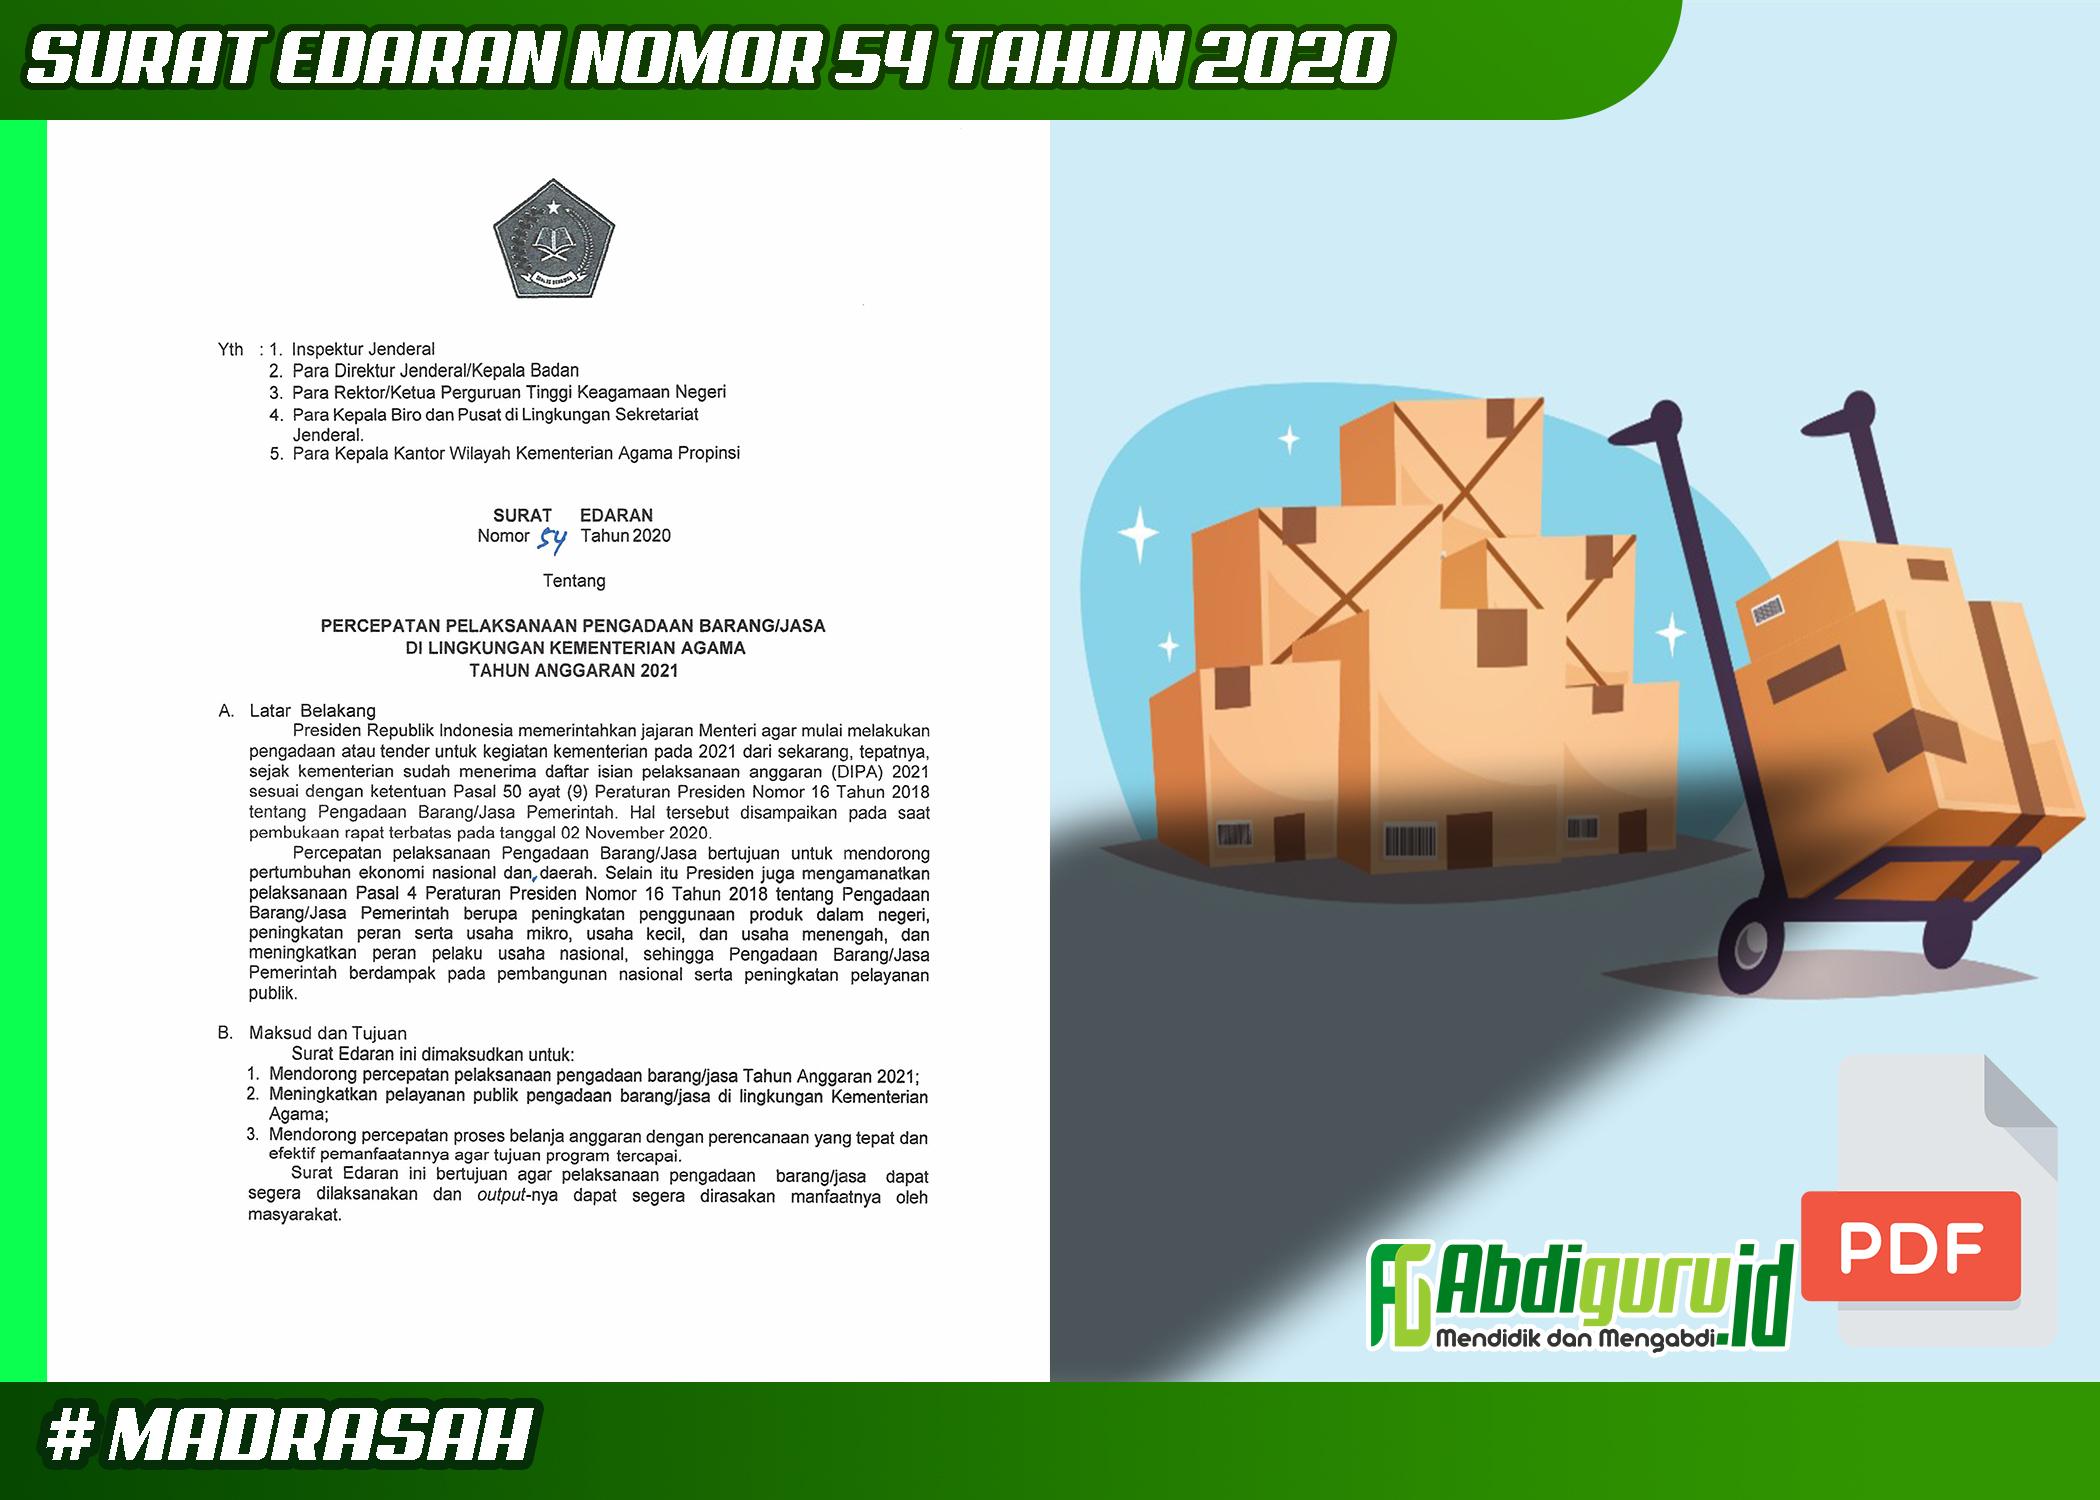 surat-edaran-nomor-54-tahun-2020-tentang-percepatan-pelaksanaan-barang-jasa-di-lingkungan-kementerian-agama-tahun-2021